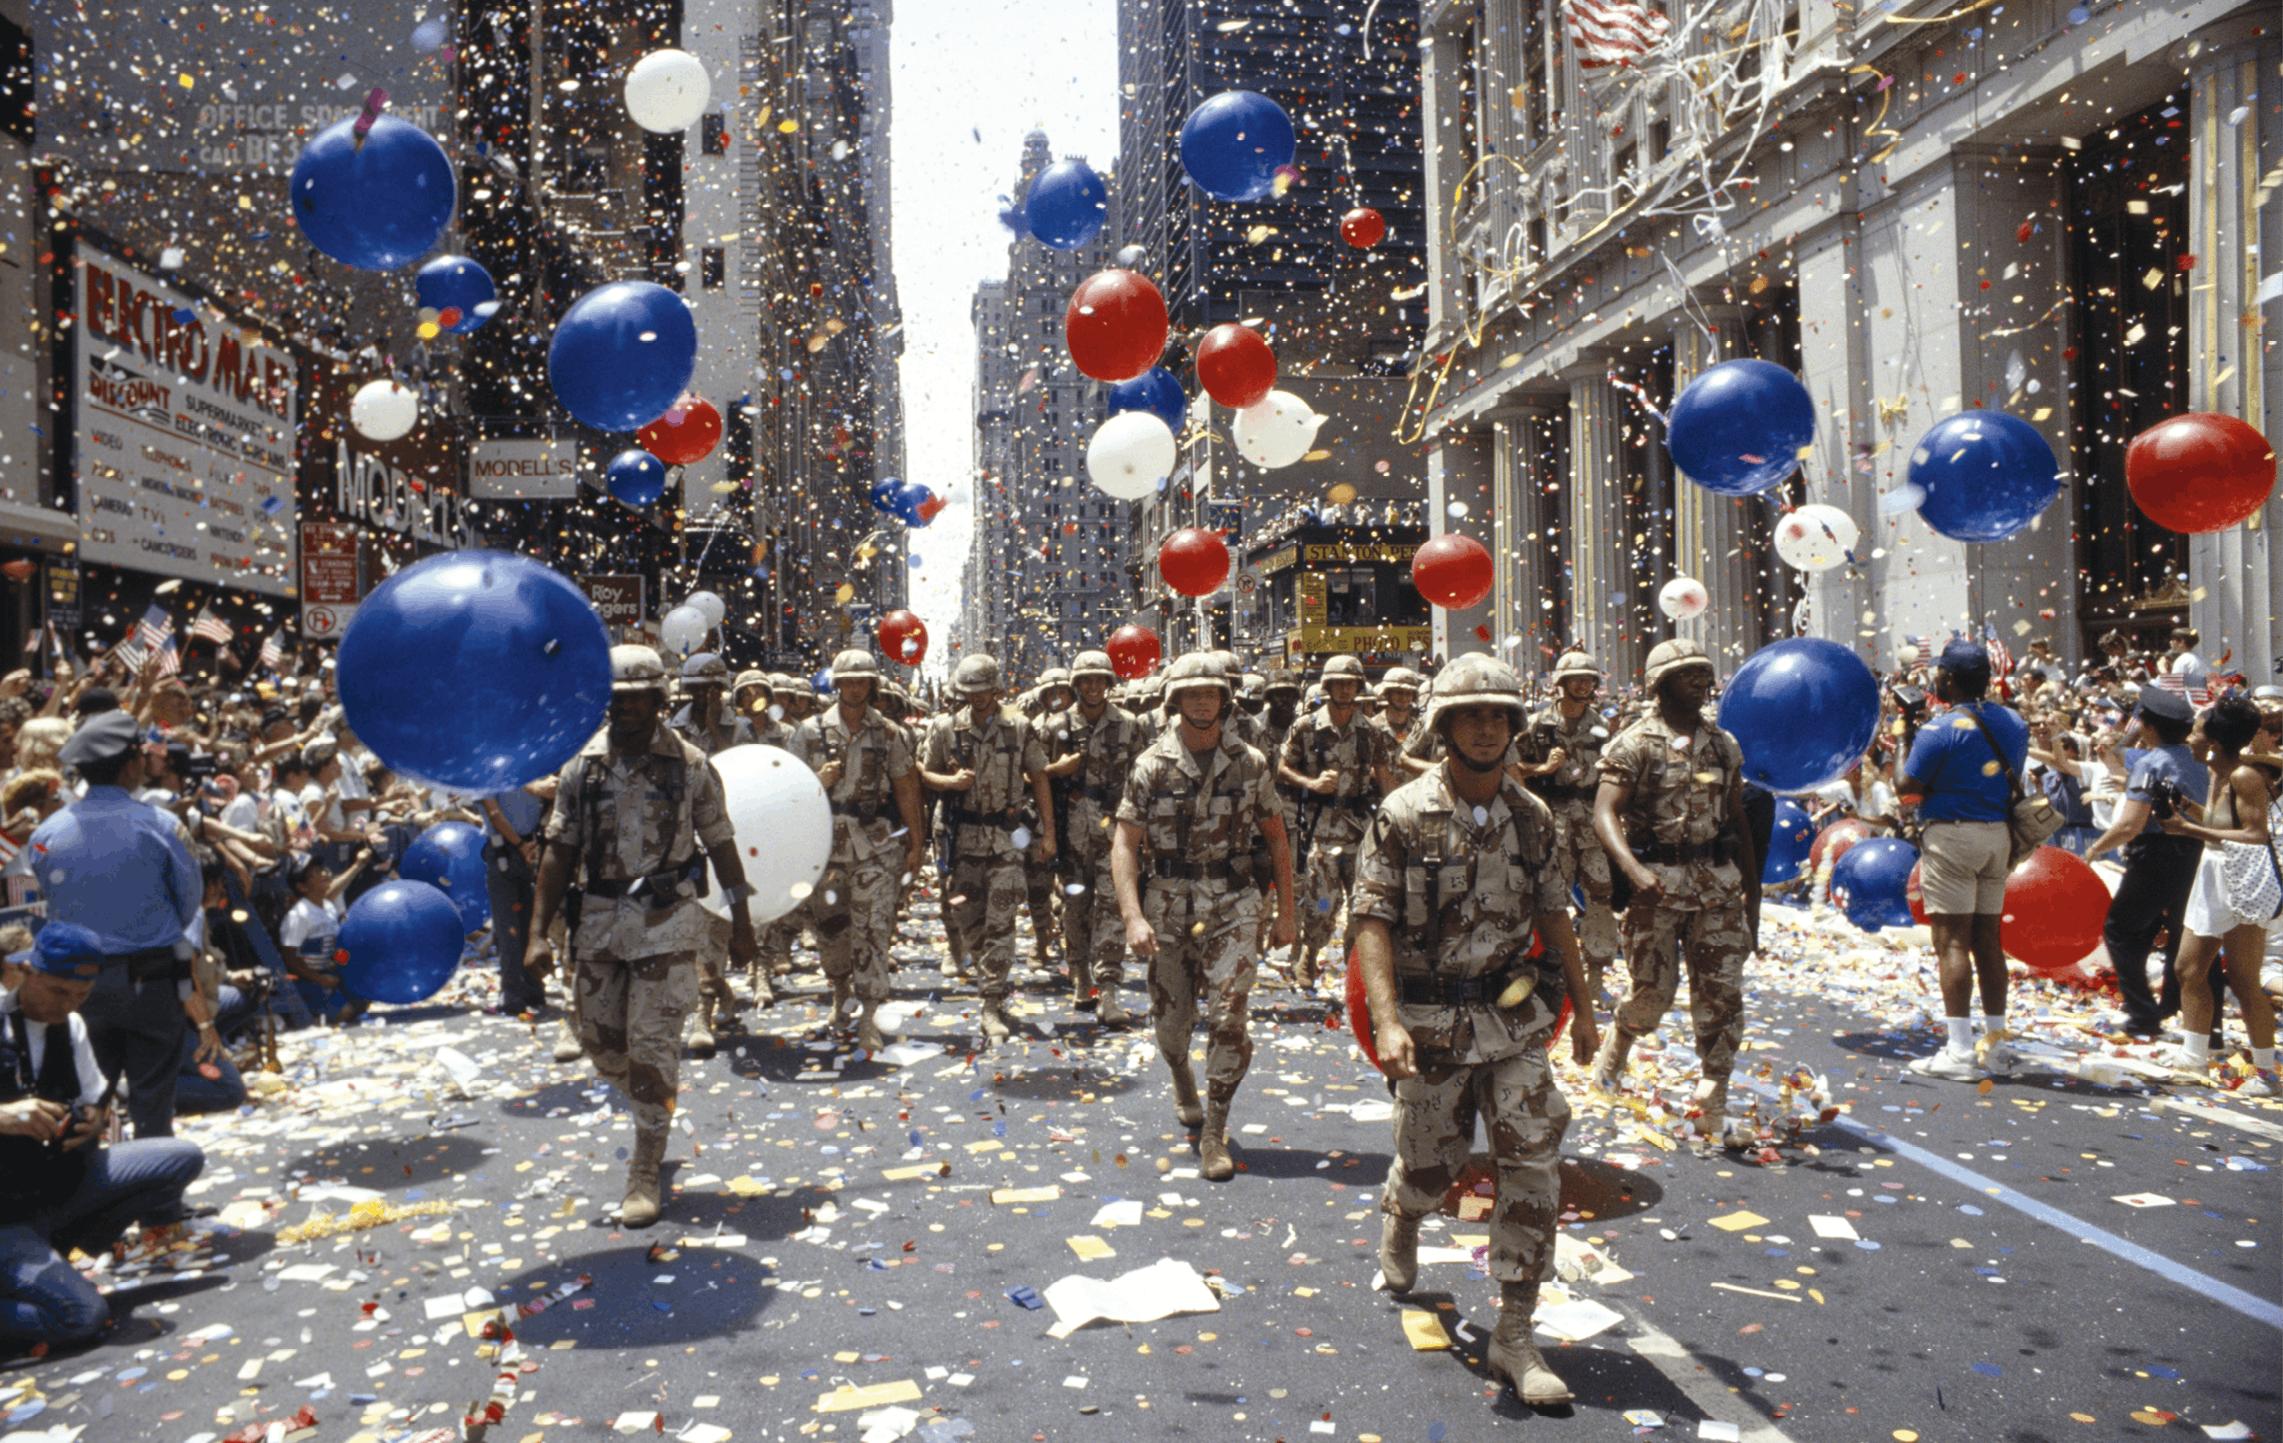 Joe Sohm, 10 juin 1991, photographie. Des soldats américains paradent à New York, au retour de la guerre du Golfe